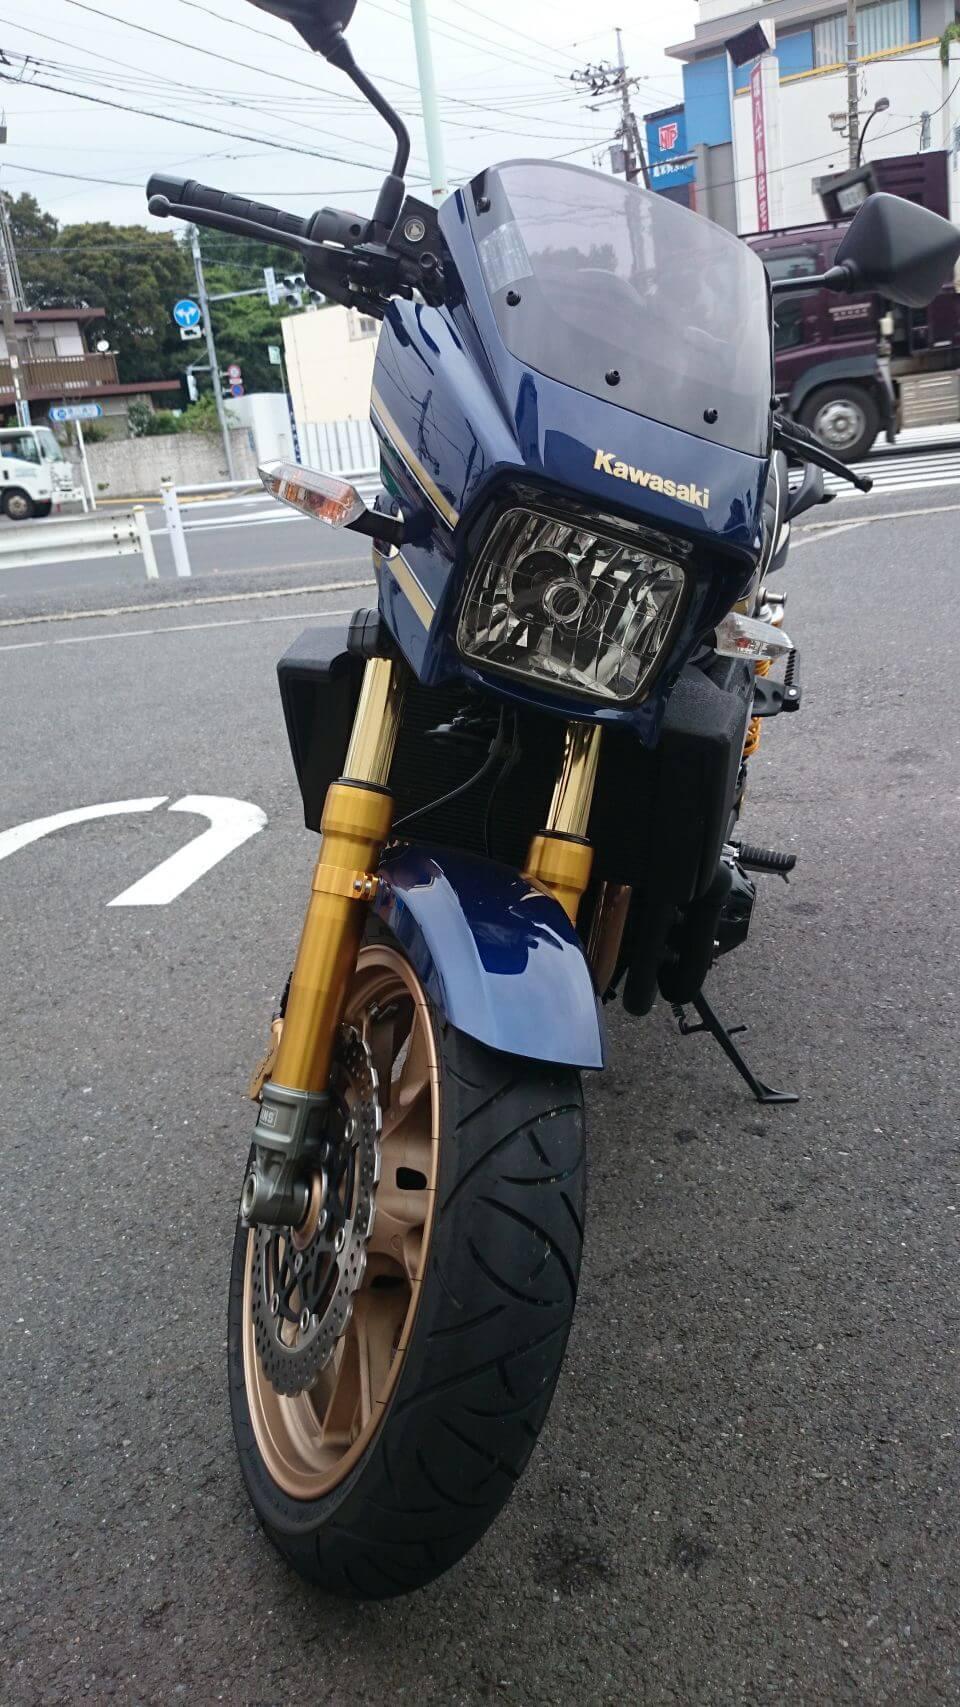 ZRX1200 DAEG front view